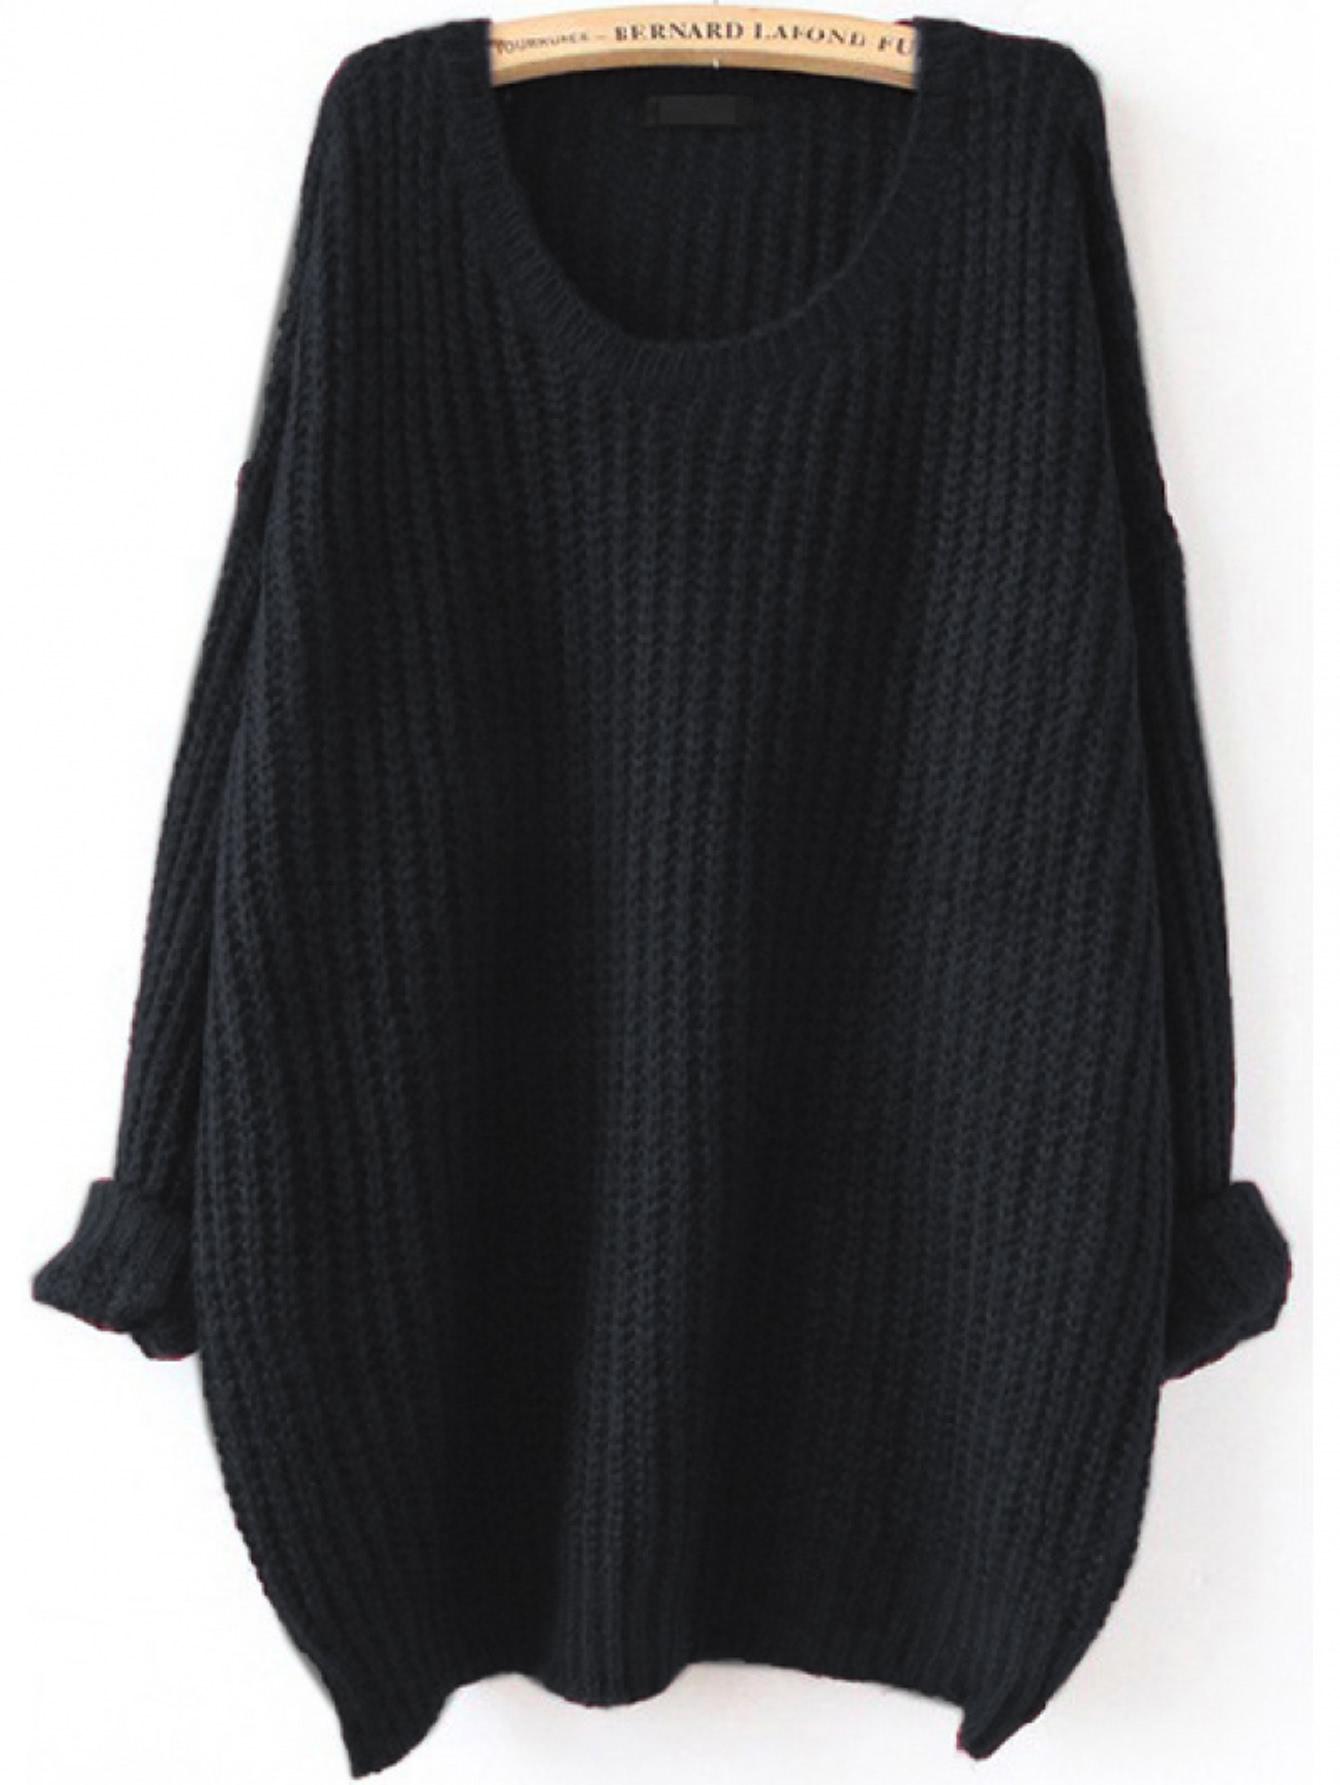 Black Drop Shoulder Textured Sweater two tone drop shoulder sweatshirt